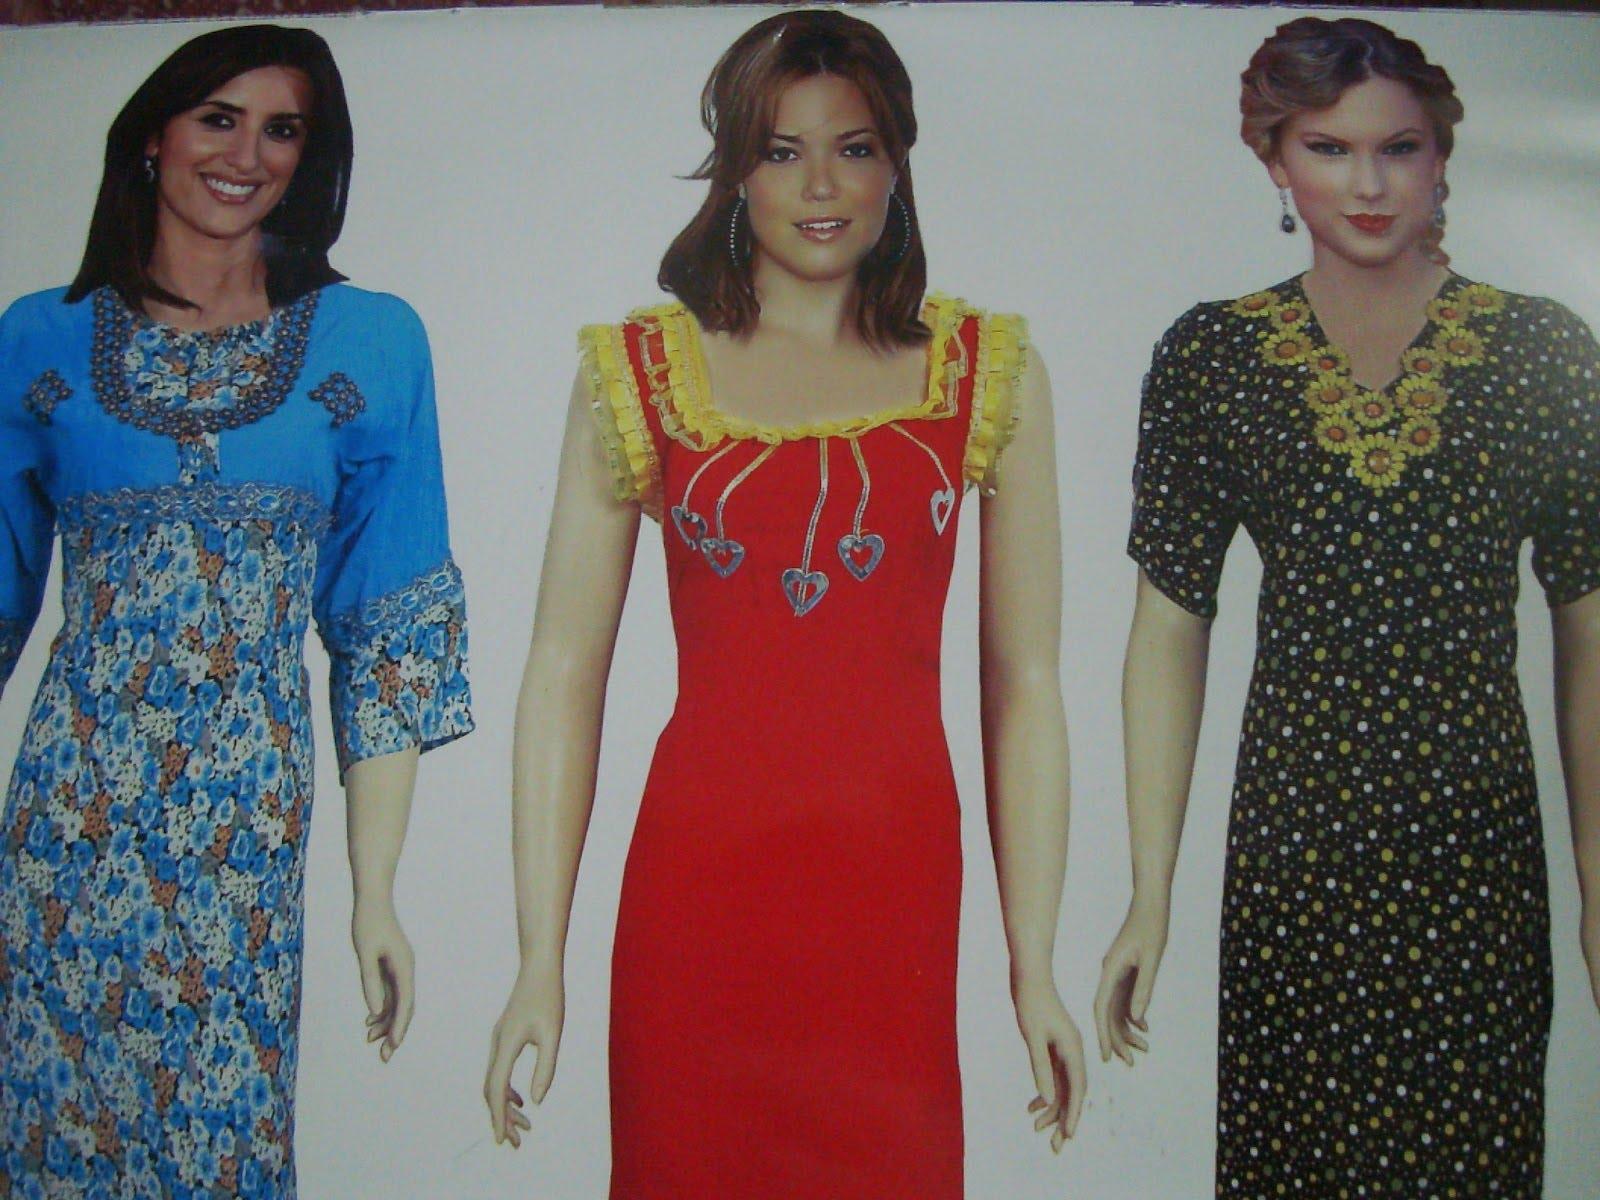 بالصور قنادر تاع الدار اخر صيحة , الملابس المغربيه للنساء واجددها 3584 12